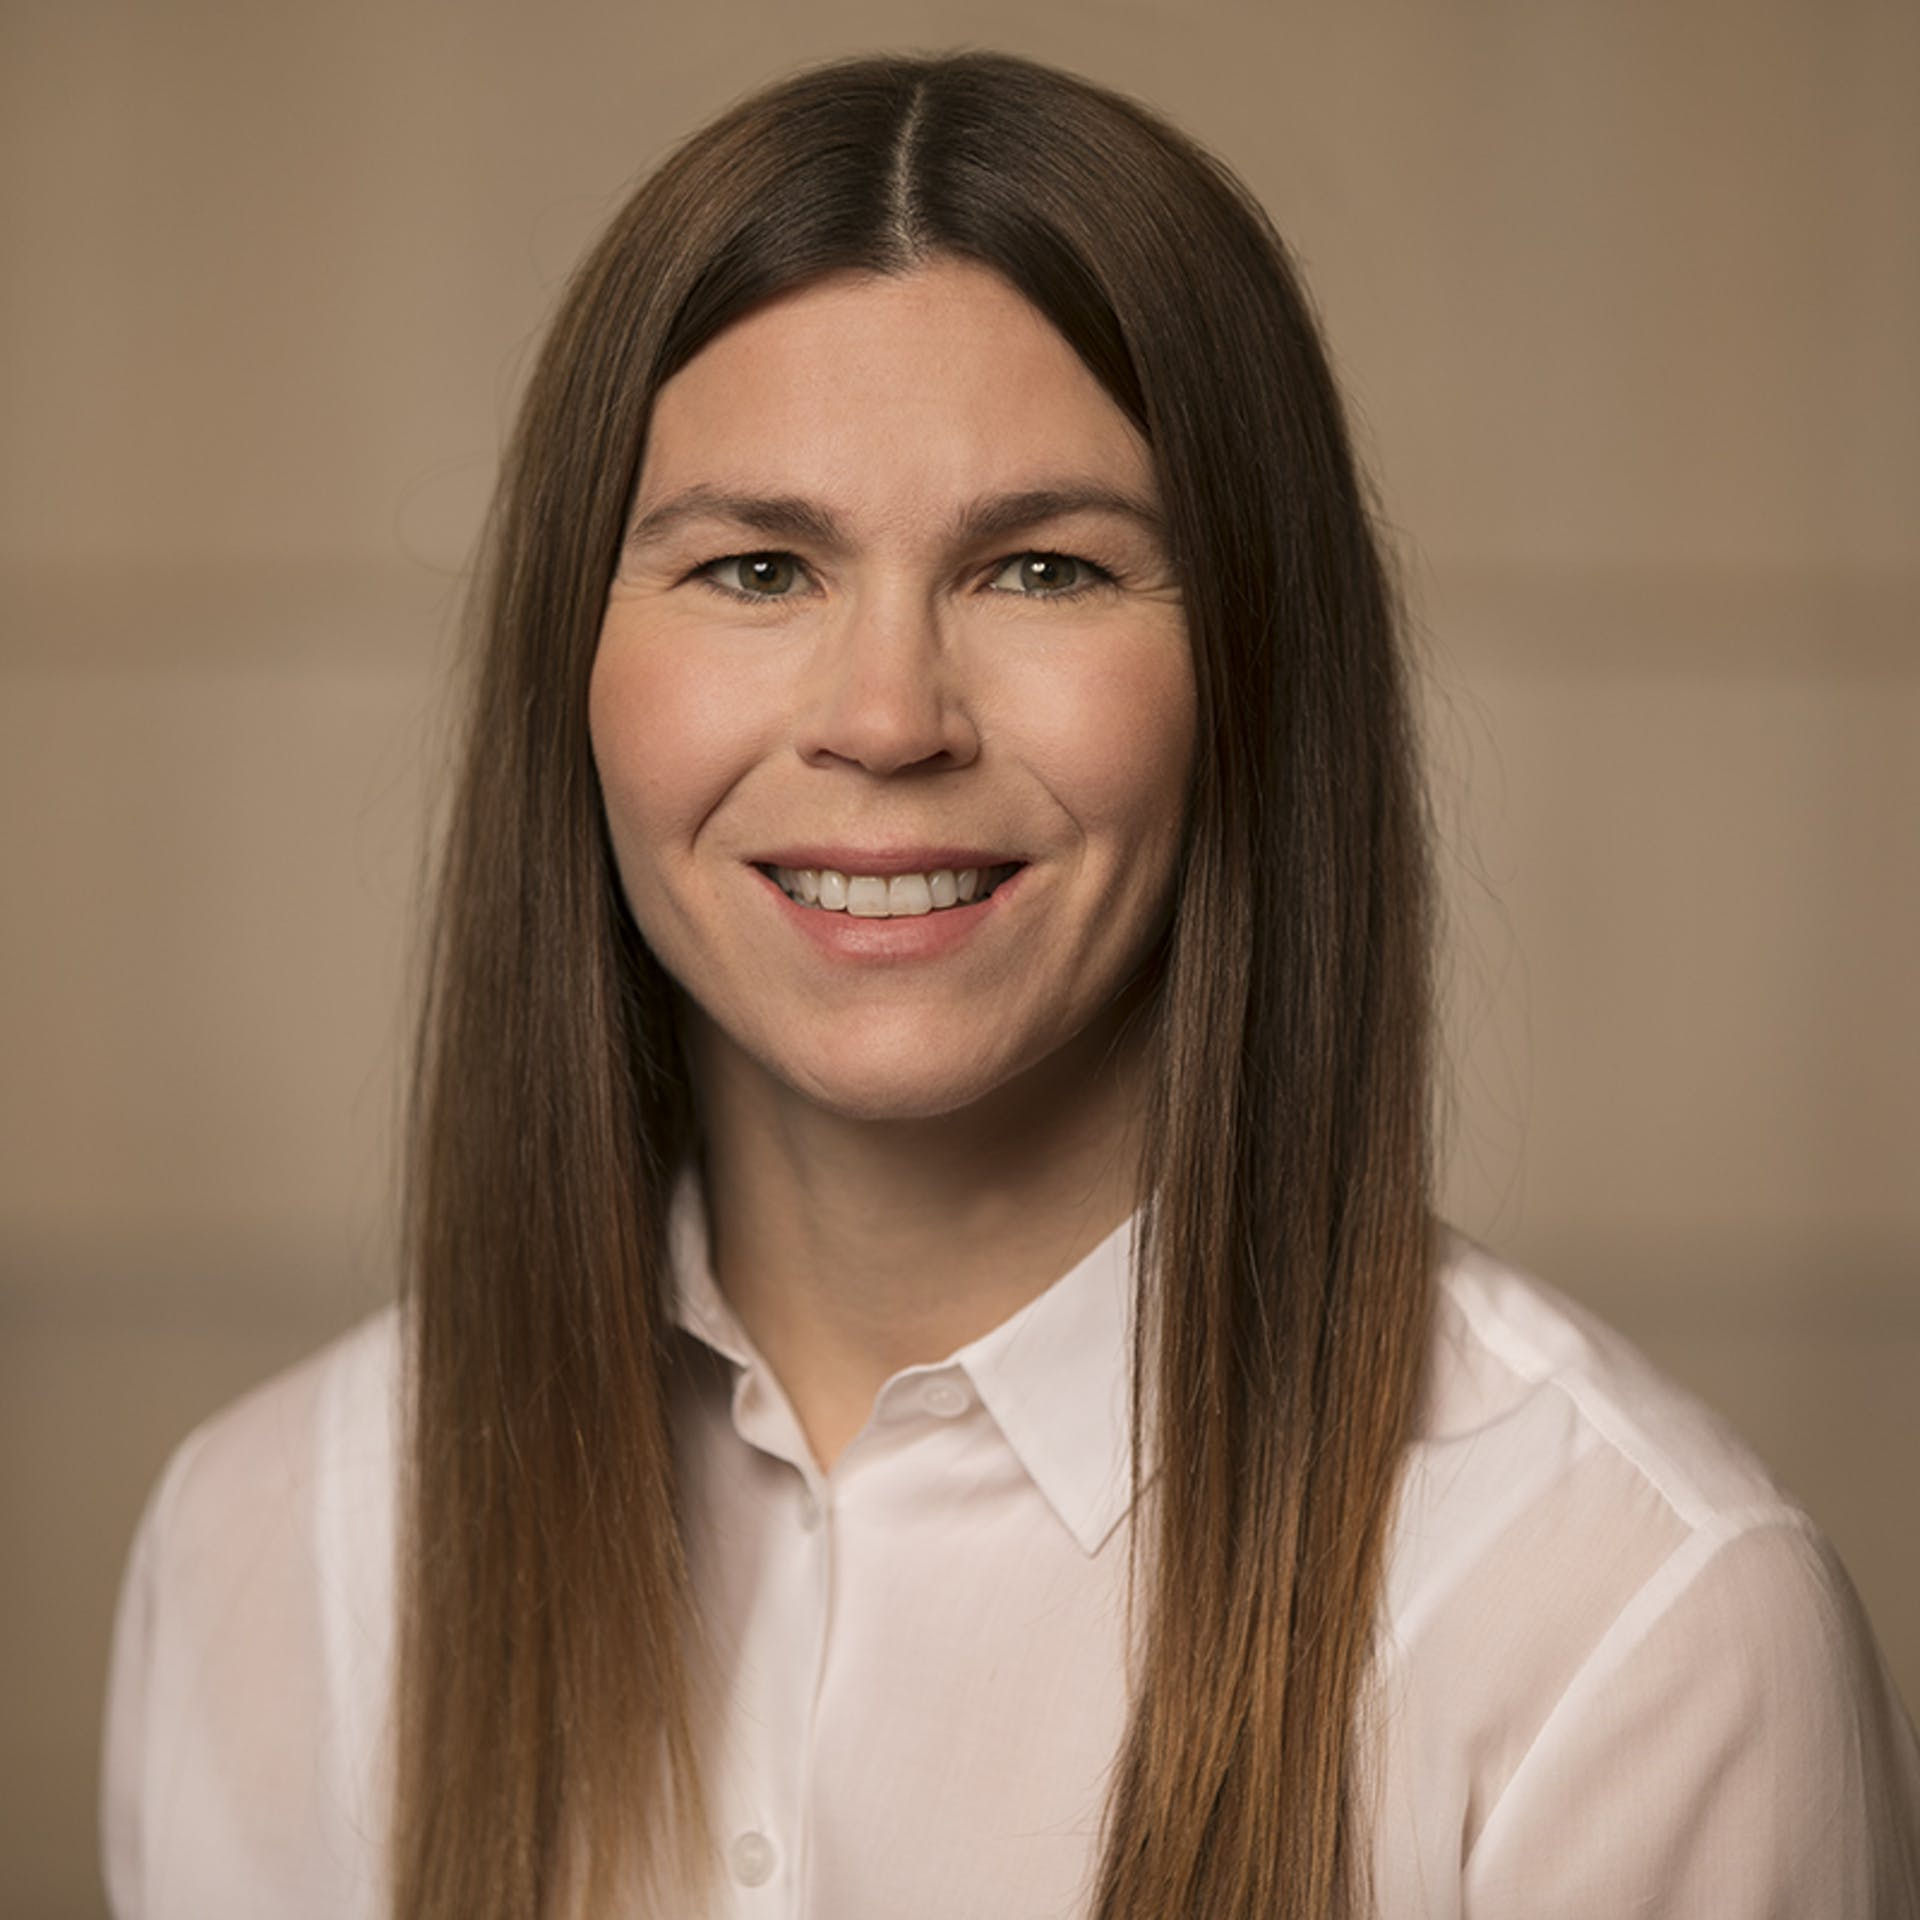 Stella H. Ólafsdóttir